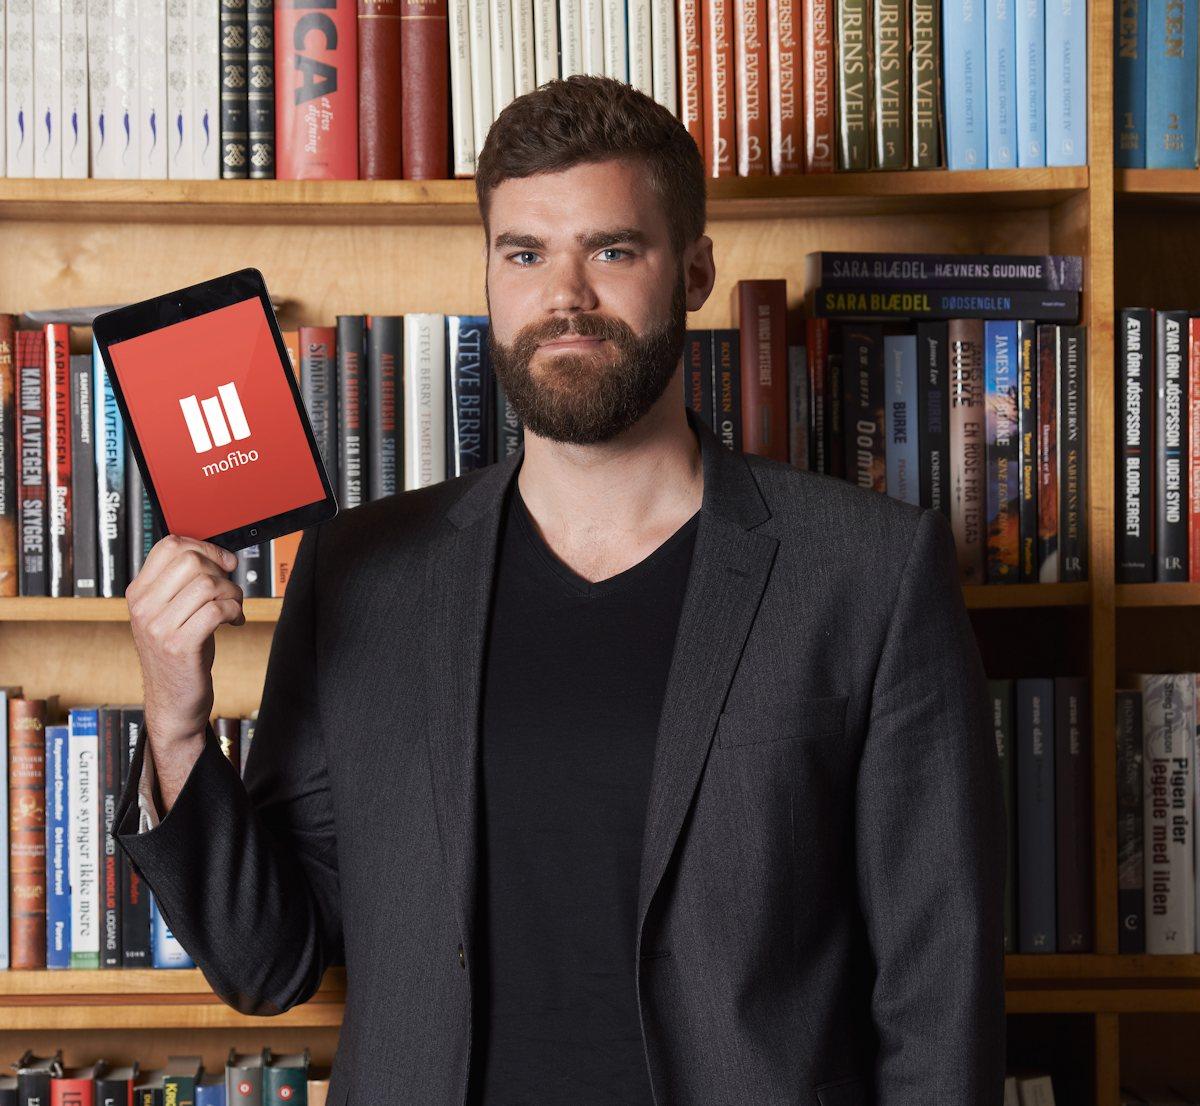 Morten Strunge, stifter af Mofibo. Foto: Mofibo